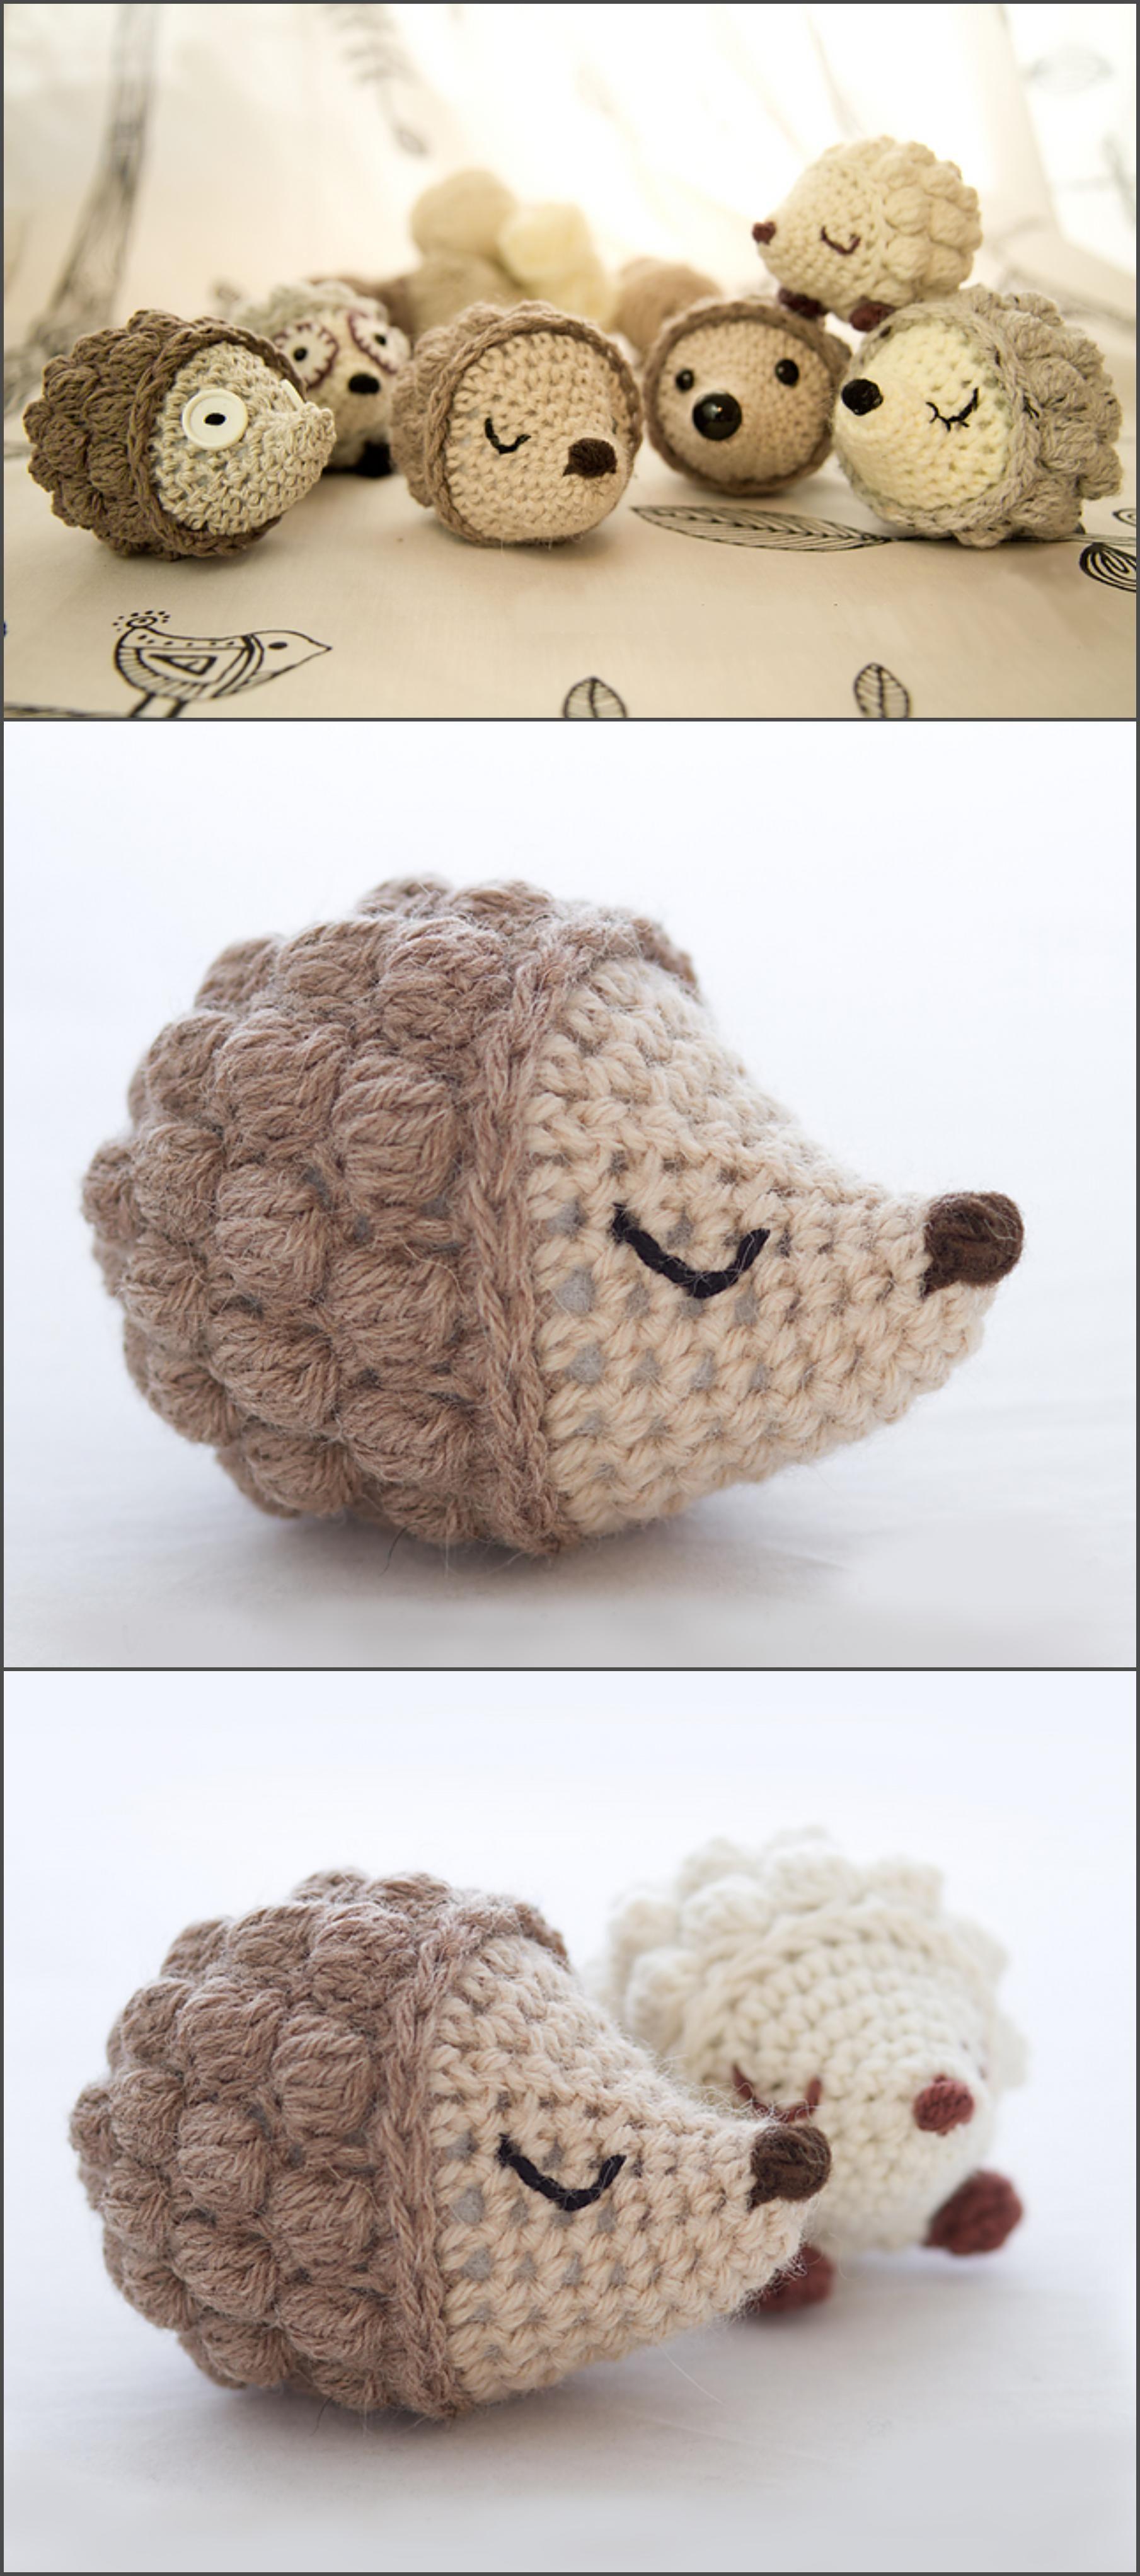 Crochet Bobble Hedgehog | Pinterest | Patrones amigurumi, Tejido y ...